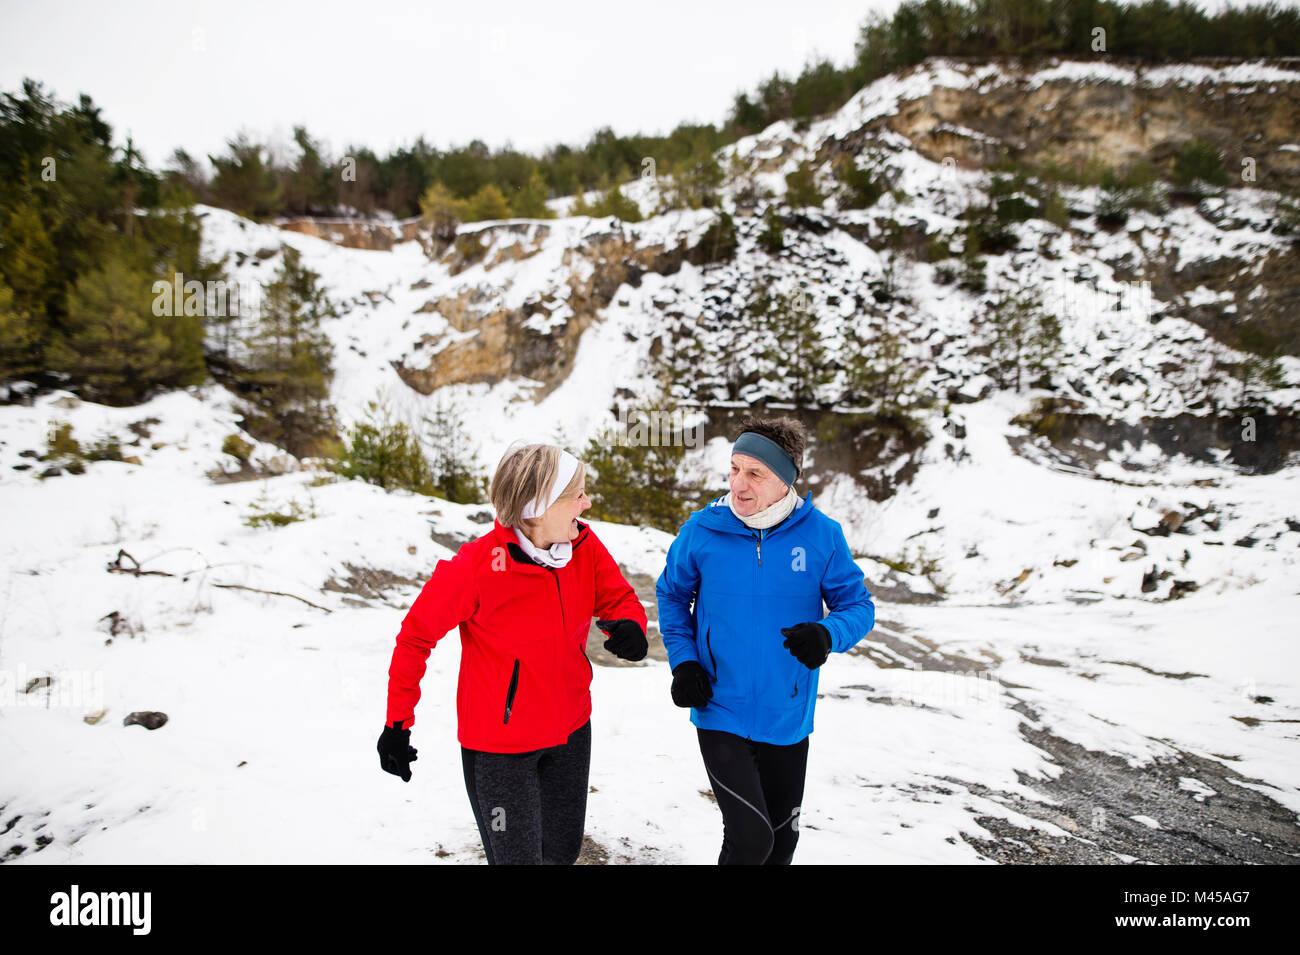 Coppia senior jogging in inverno la natura. Foto Stock